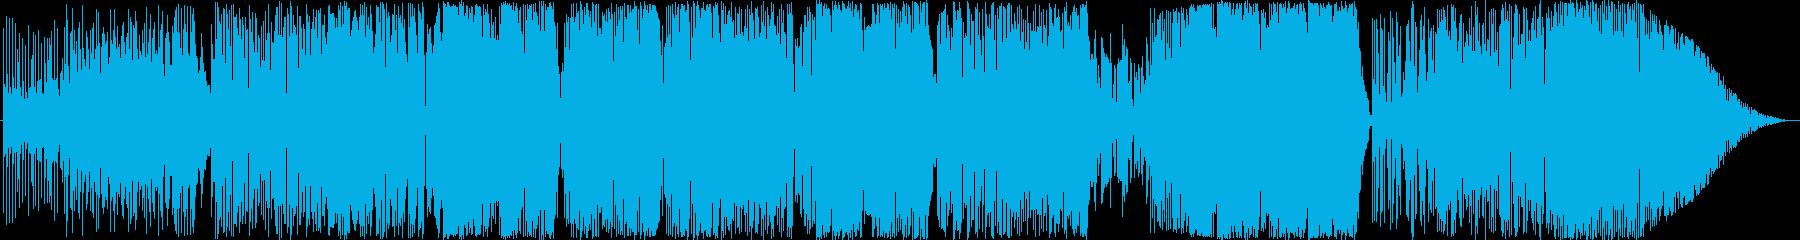 Chantyの再生済みの波形